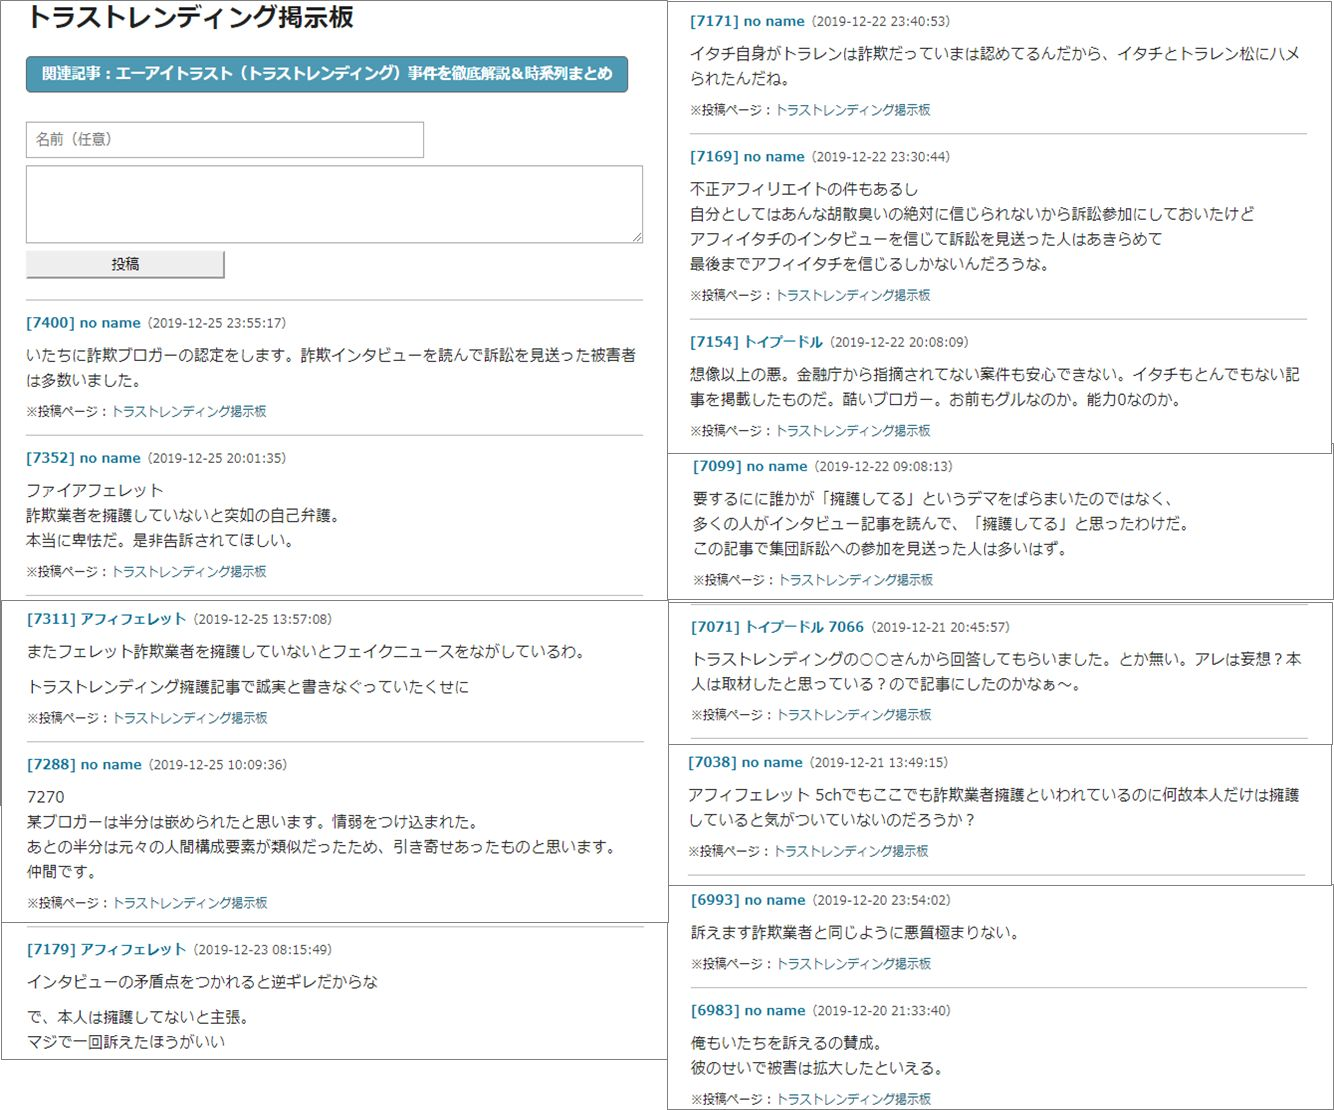 カナメ先生への抗議02